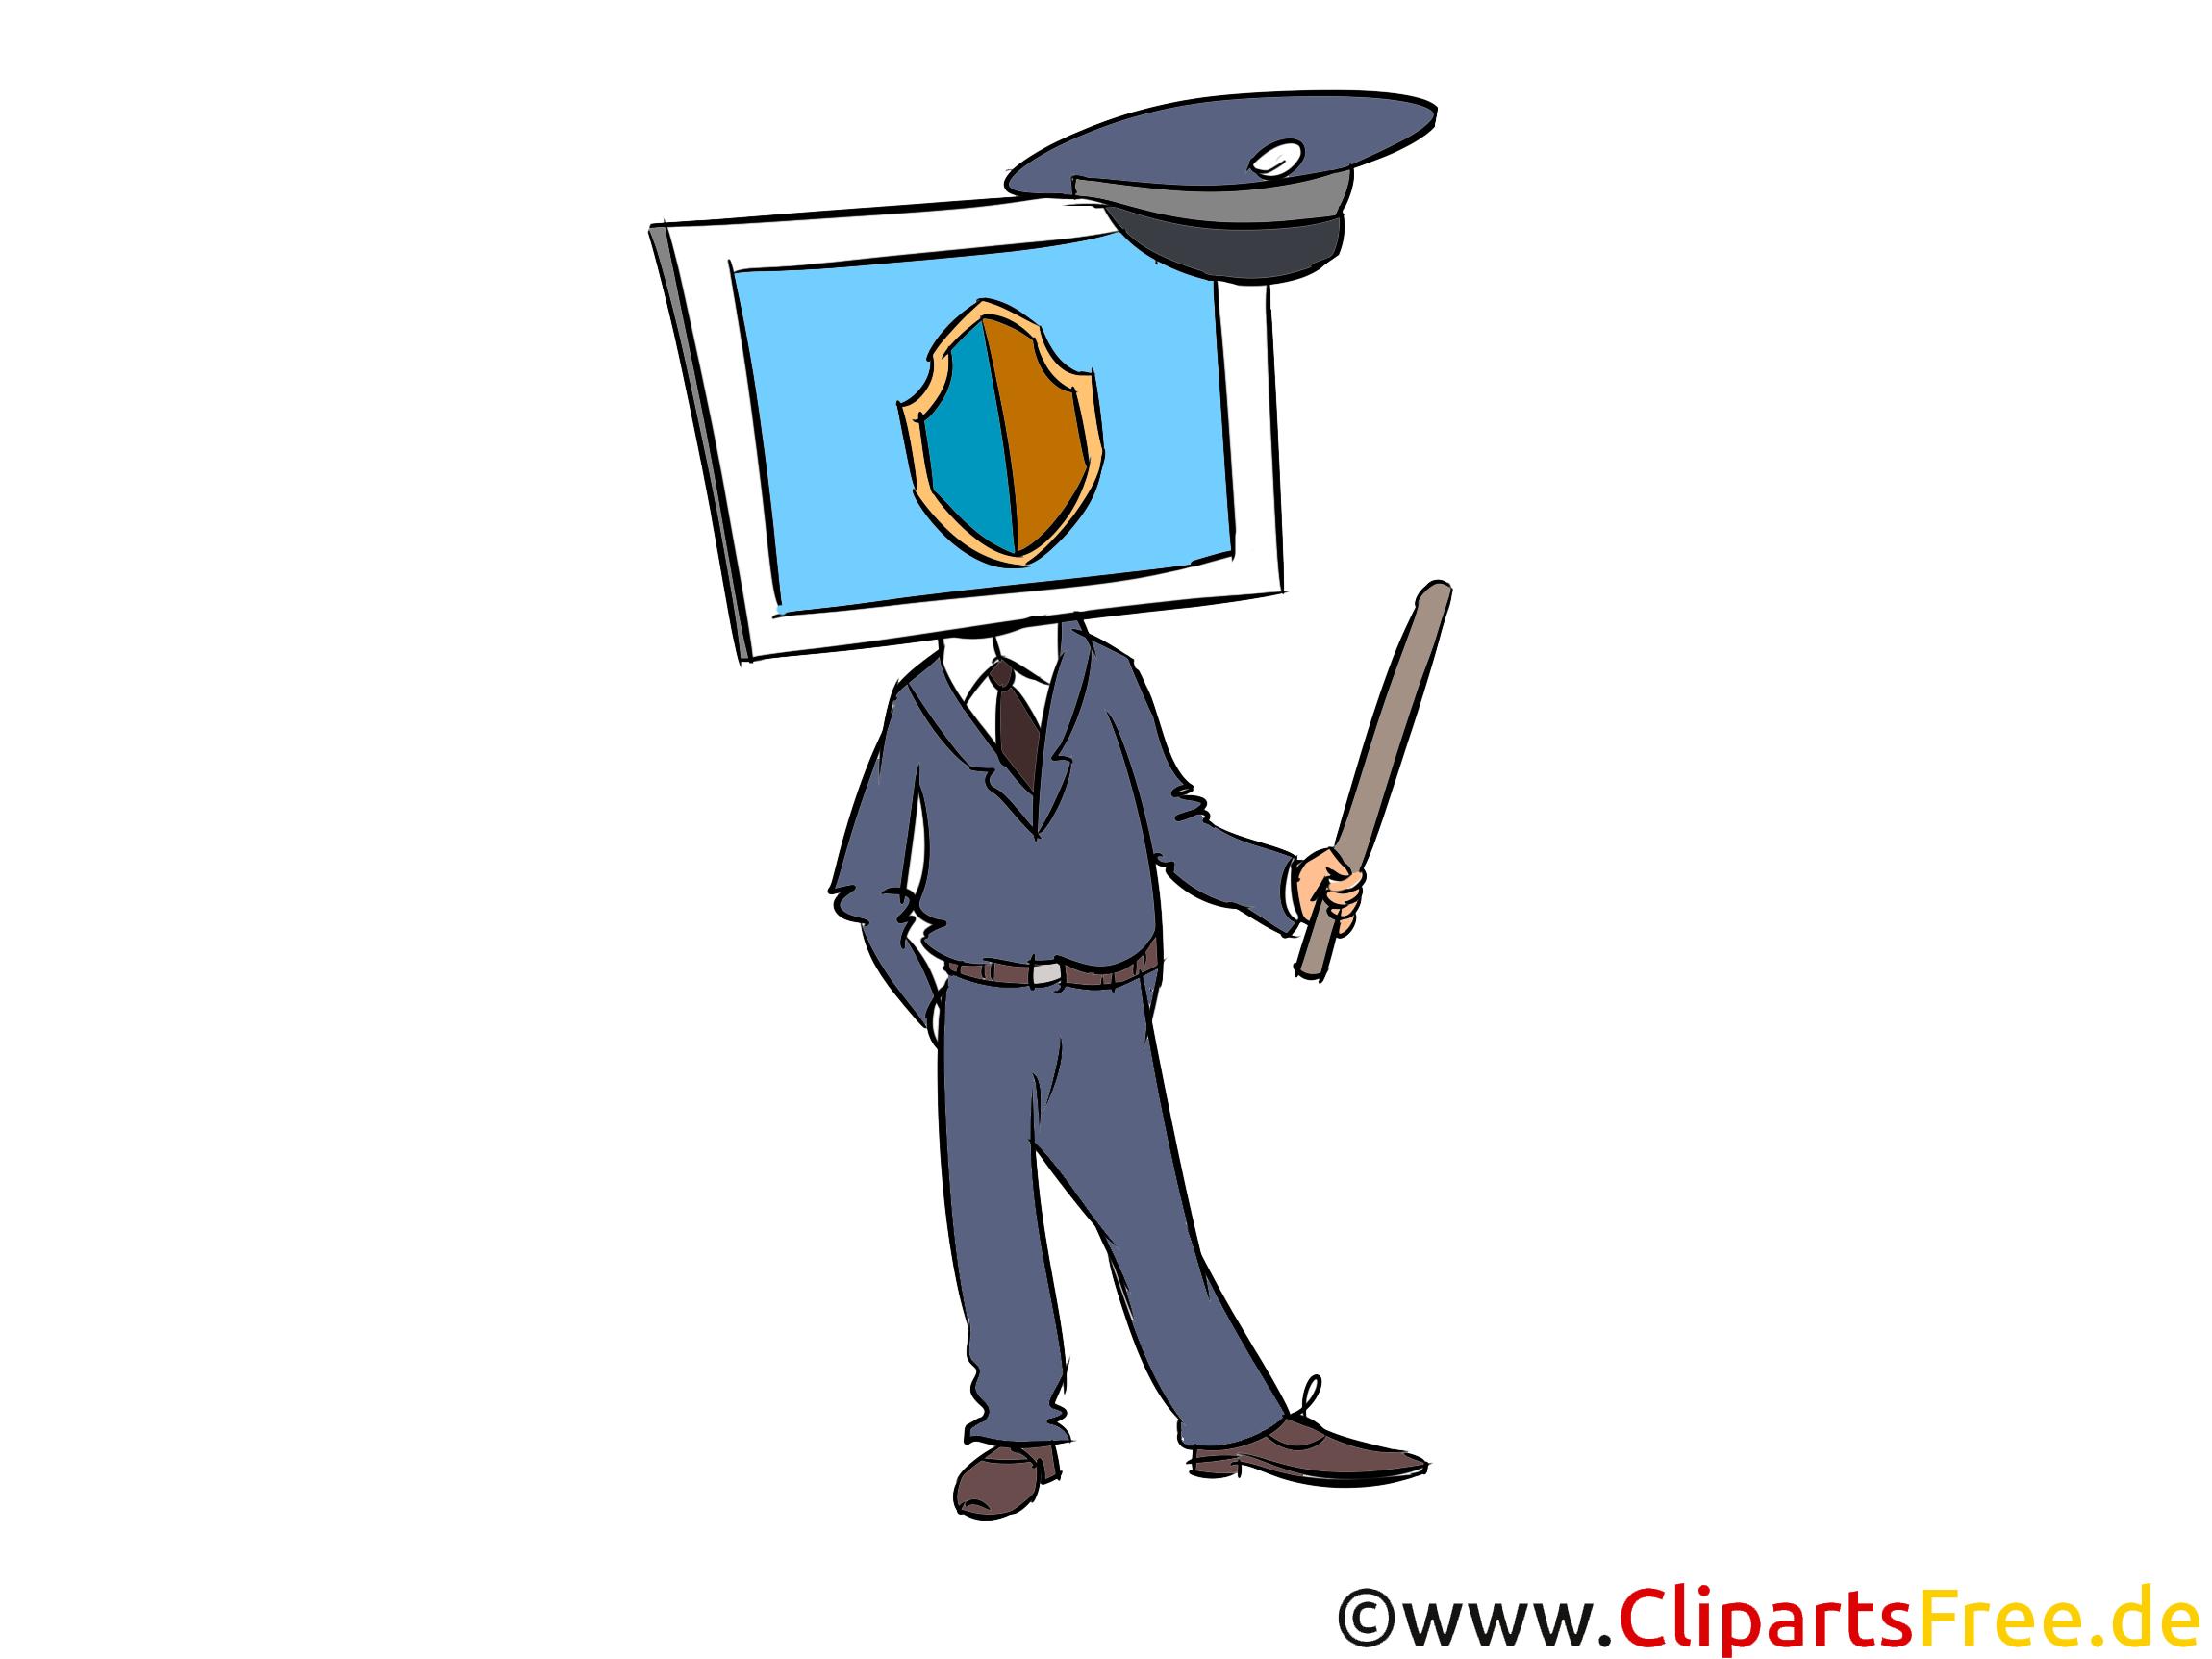 Clipart Computersicherheit kostenlos